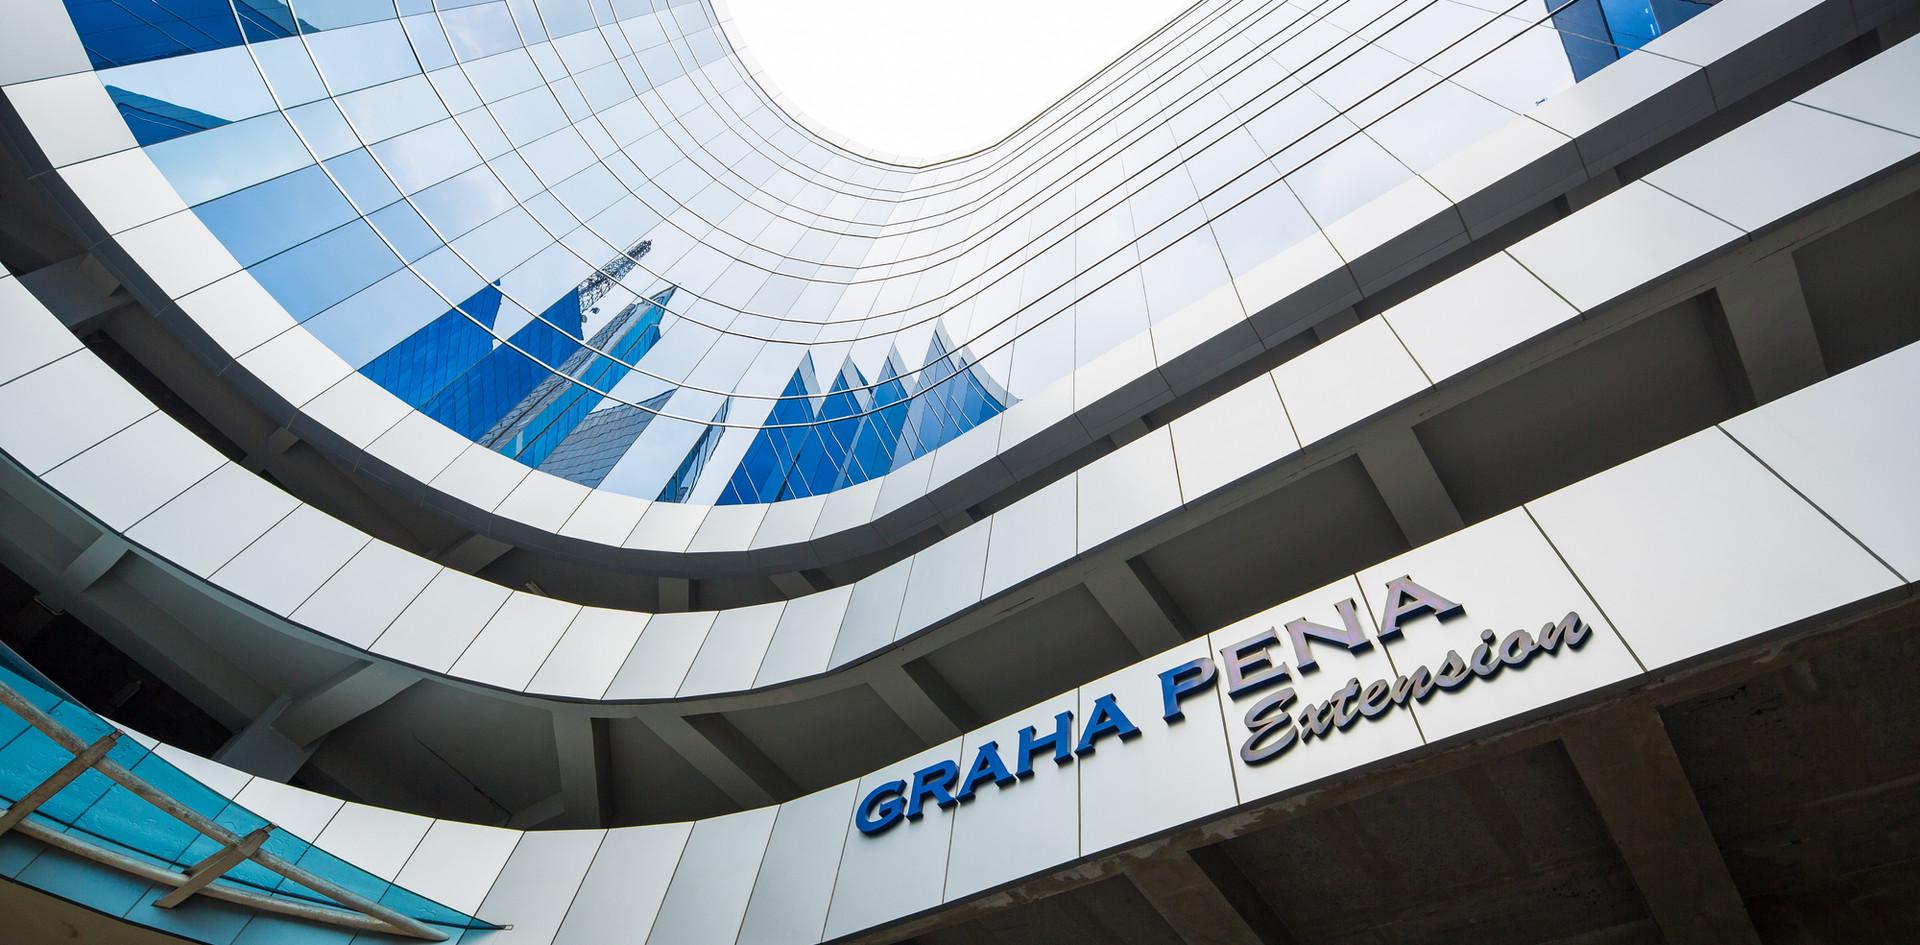 Graha Pena Extension, Surabaya